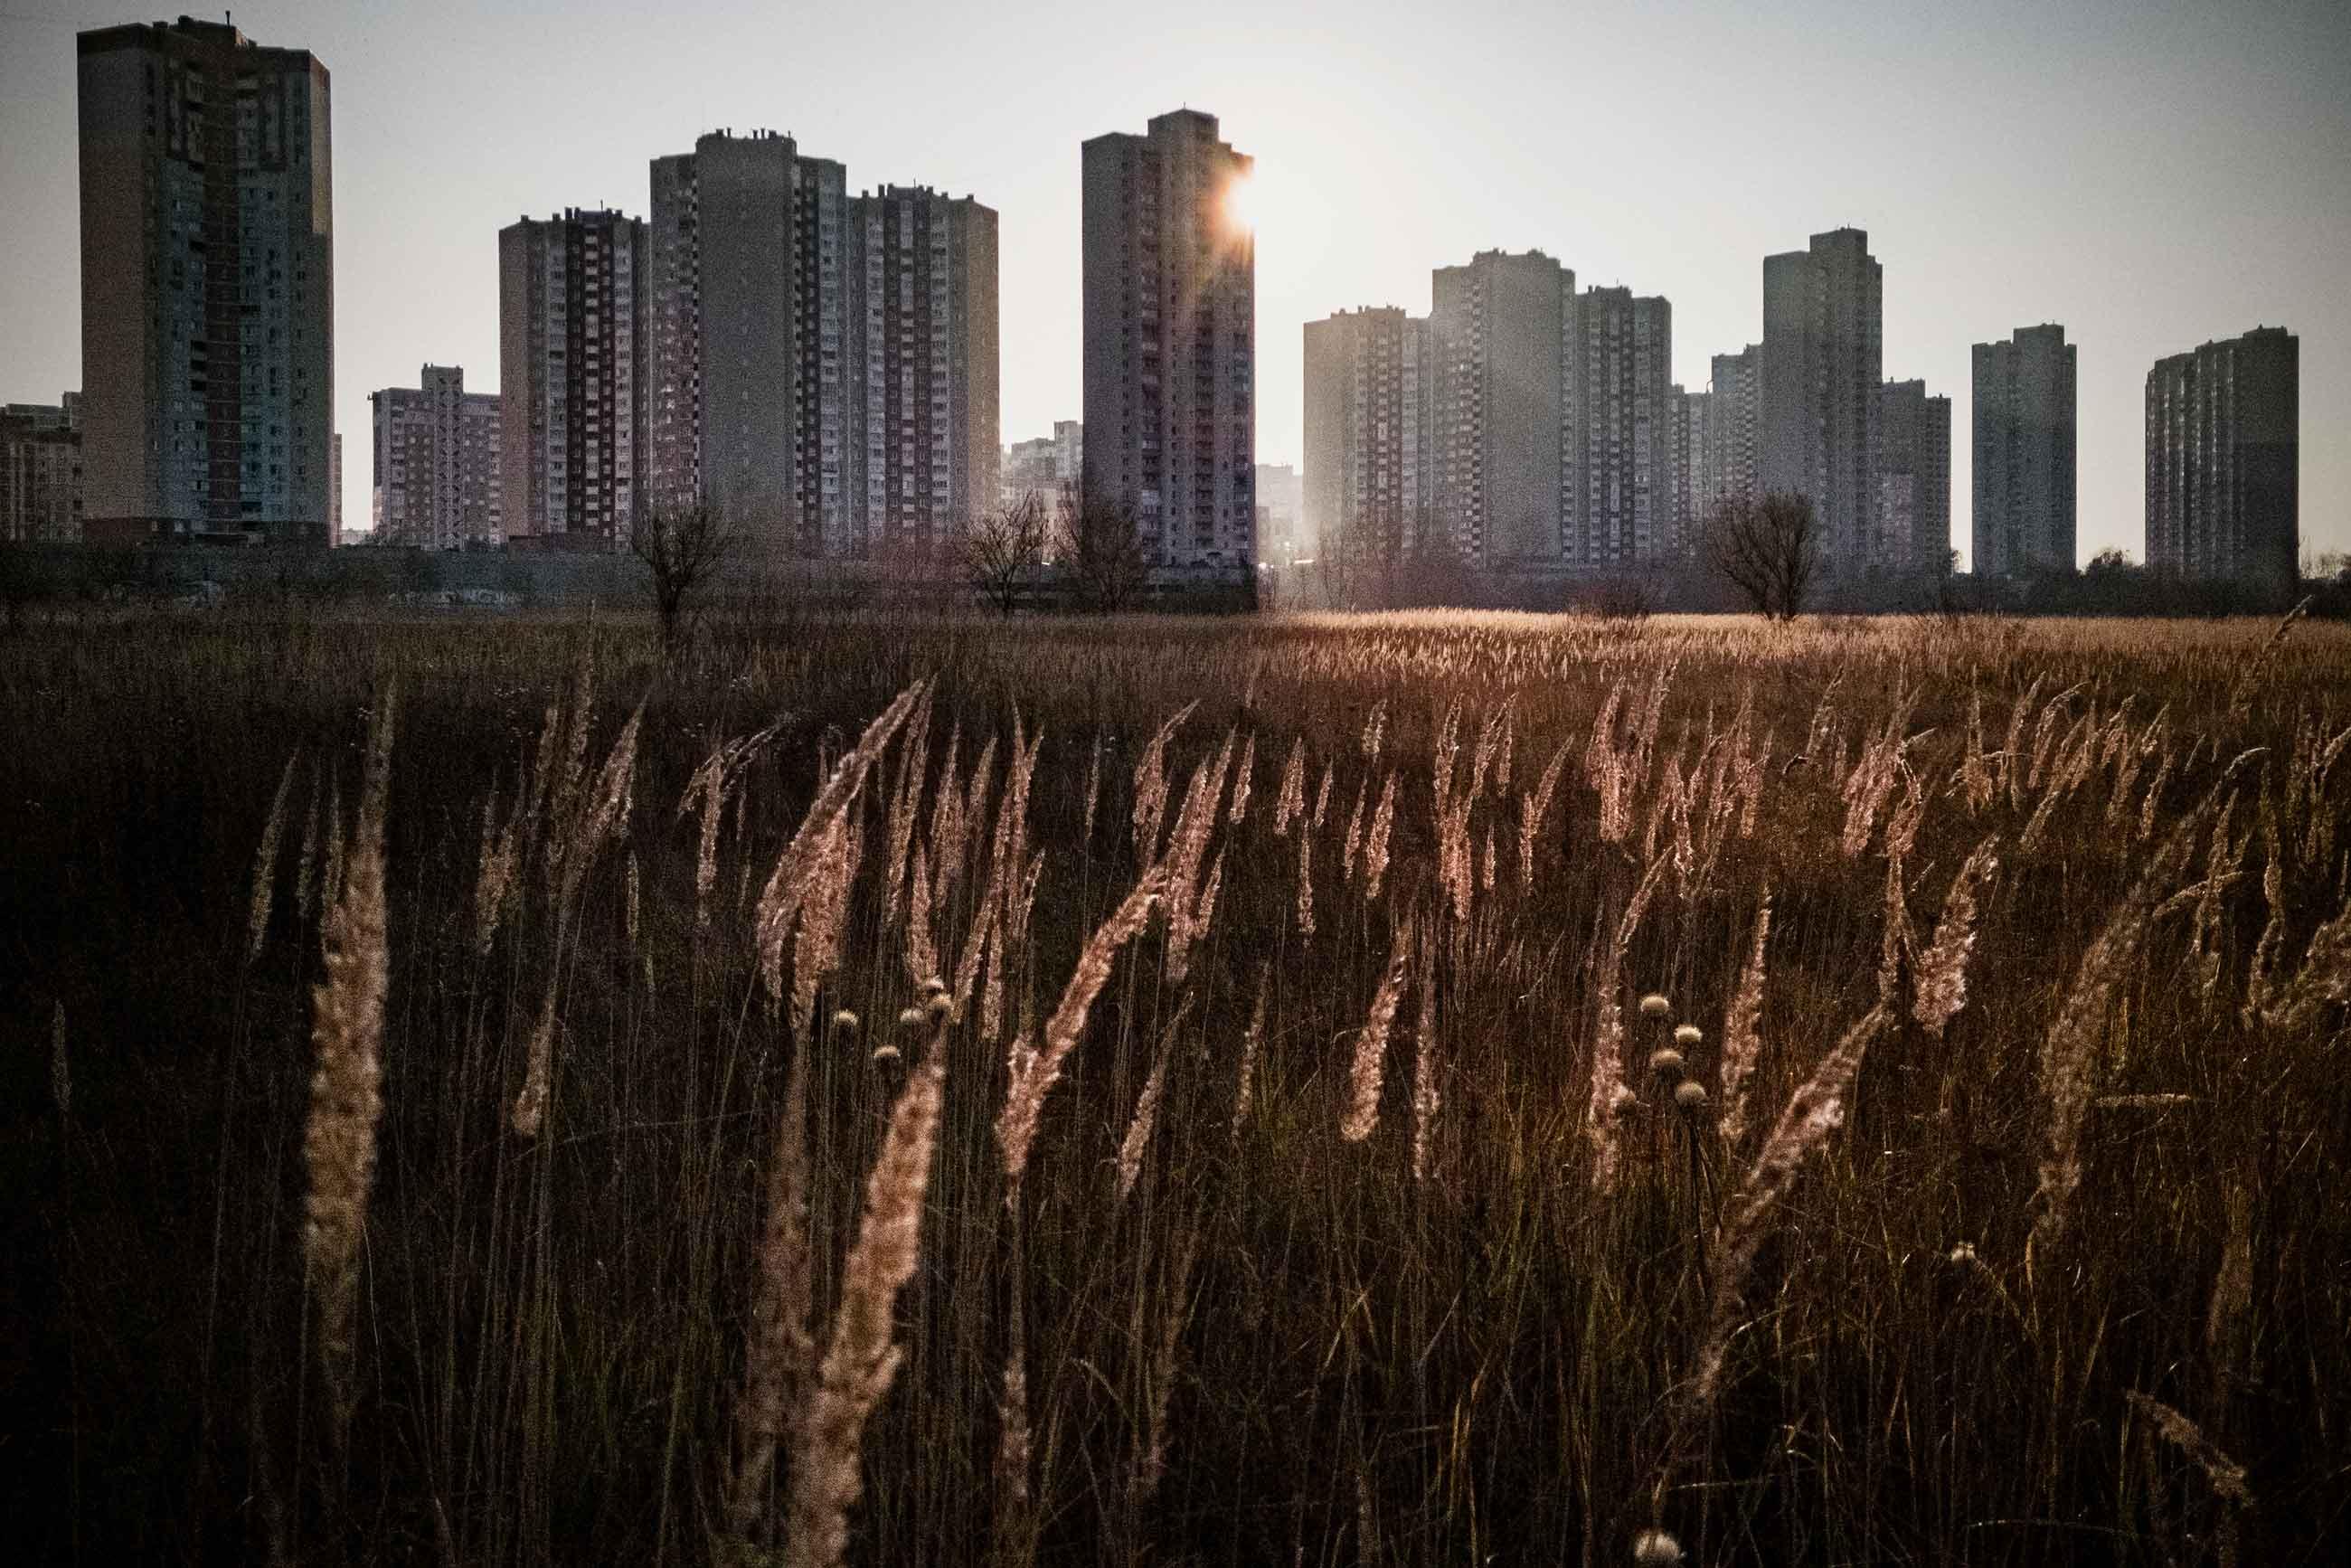 troeshka - <b>Ради массового жилья в Киеве уничтожили десятки поселений.</b> Рассказываем, как это было - Заборона